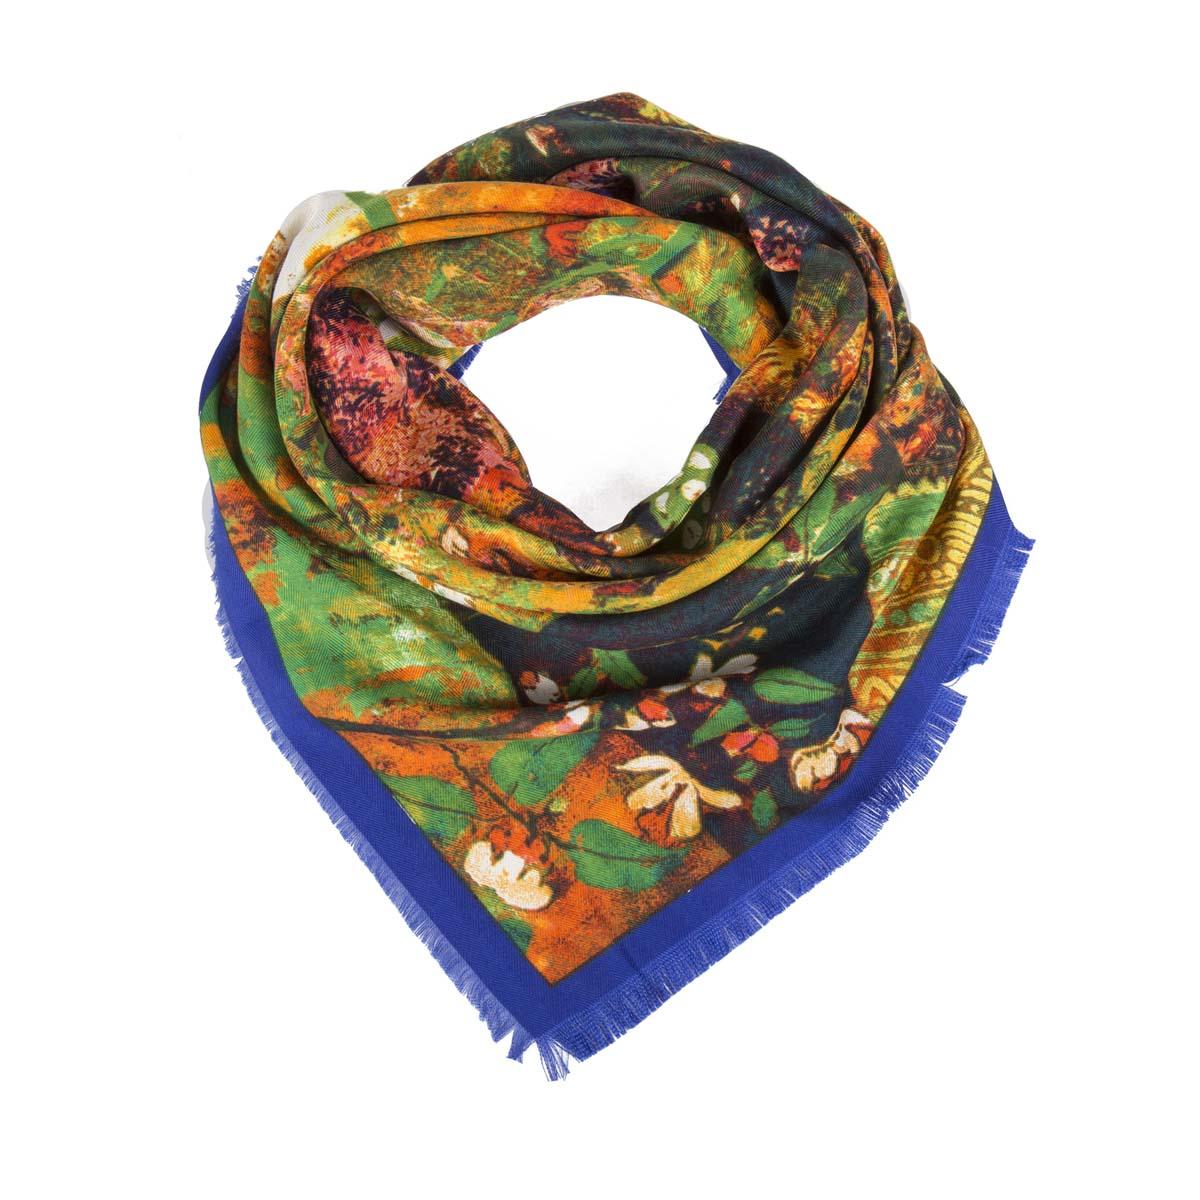 Платок женский. 23/039823/0398/058Великолепный платок с абстрактным принтом декорирован бахромой по краям. Натуральная шерсть в составе платка превращает его в теплое и легкое изделие, которое согреет в холодную погоду. Легко и красиво драпируется. С этим платком вы всегда будете выглядеть женственной и привлекательной.